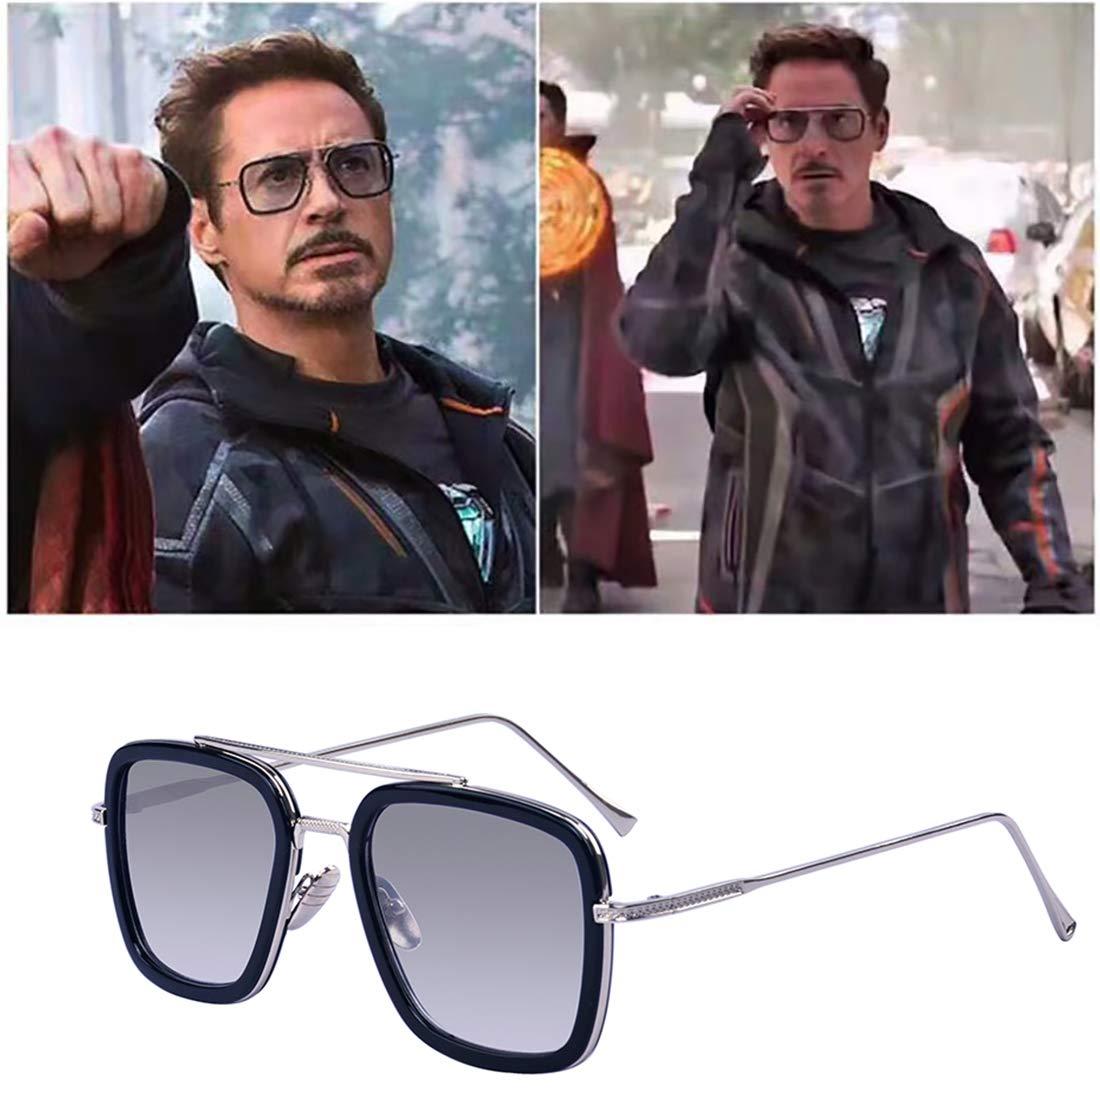 Outray Retro Iron Man Gafas de sol Tony Stark Gafas Marco de metal de gafas cuadradas para hombres, mujeres